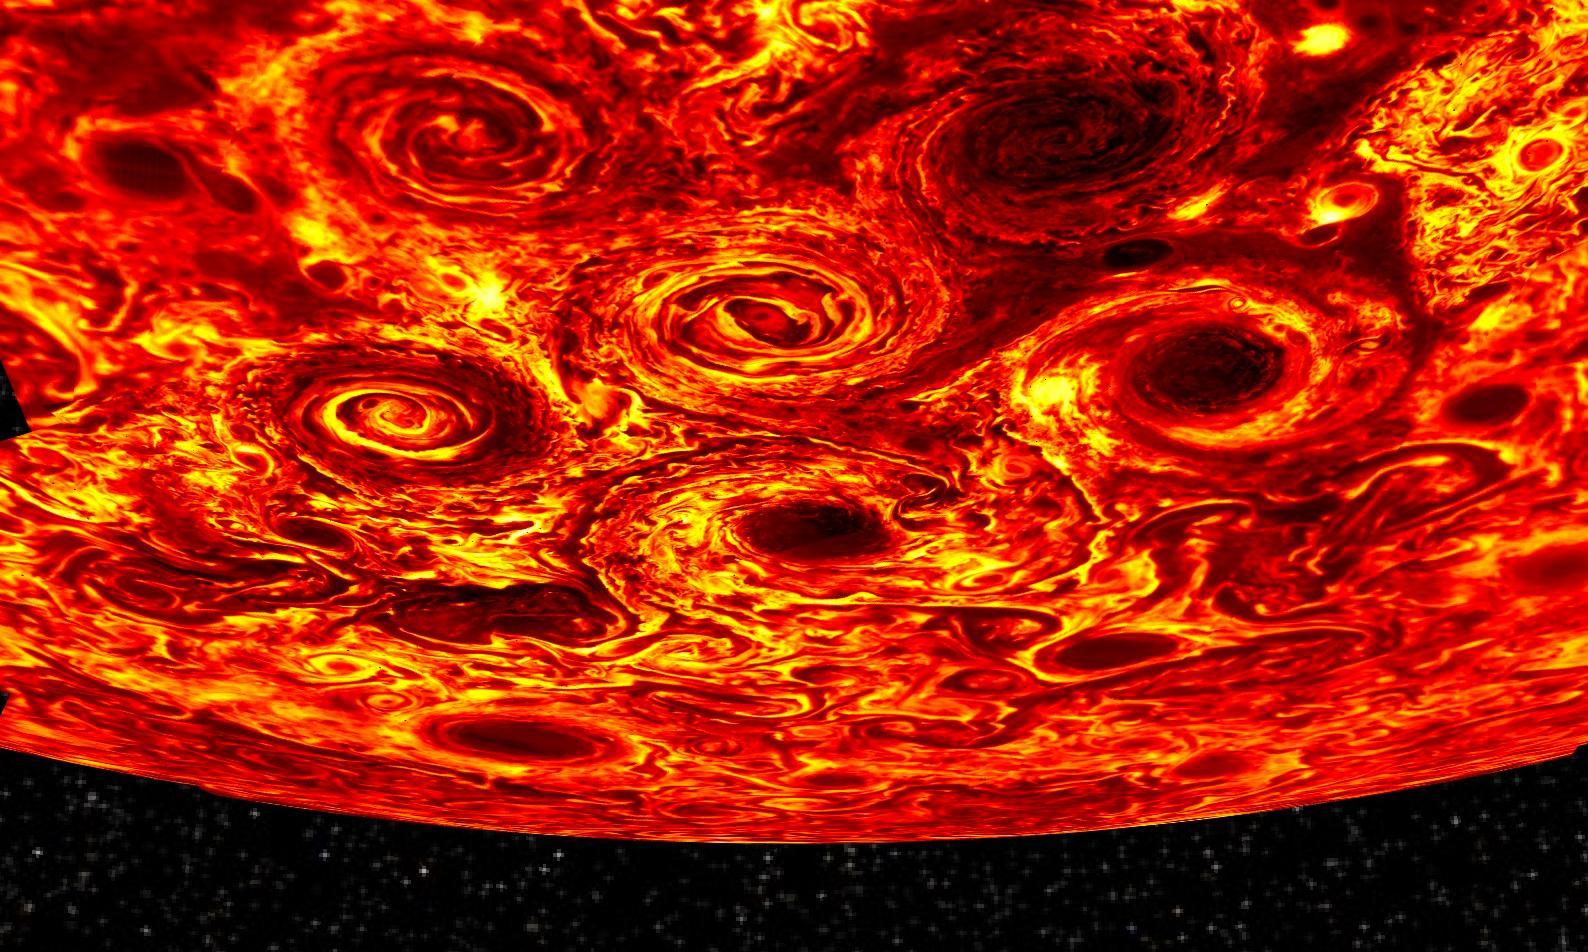 Nasa spacecraft reveals Jupiter's interior in unprecedented detail